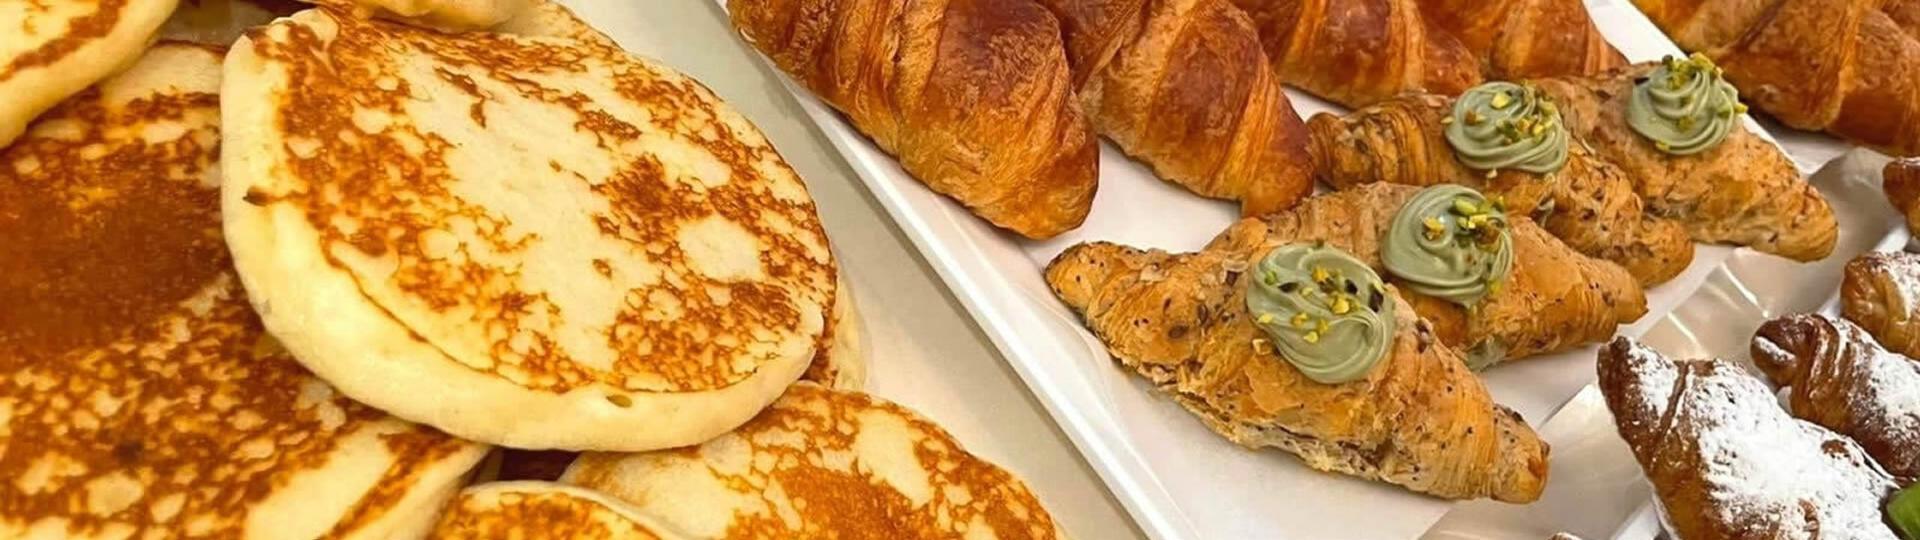 hotelbelliniriccione en breakfast 013